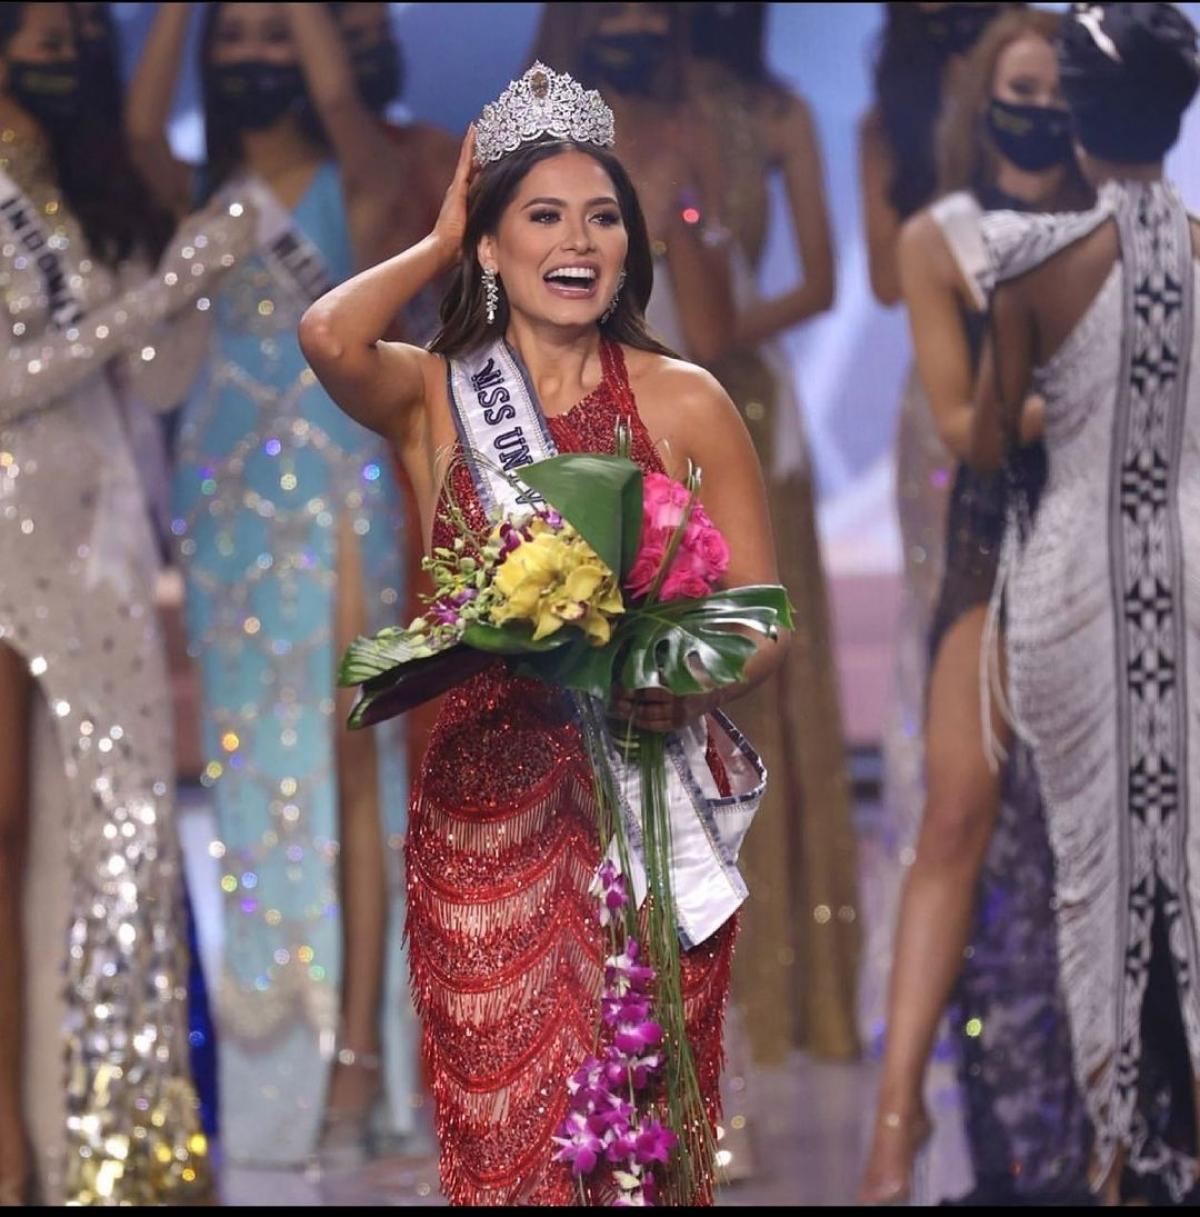 Vượt qua 73 ứng cử viên sáng giá, Andrea Meza giành vương miện Miss Universe 2020.